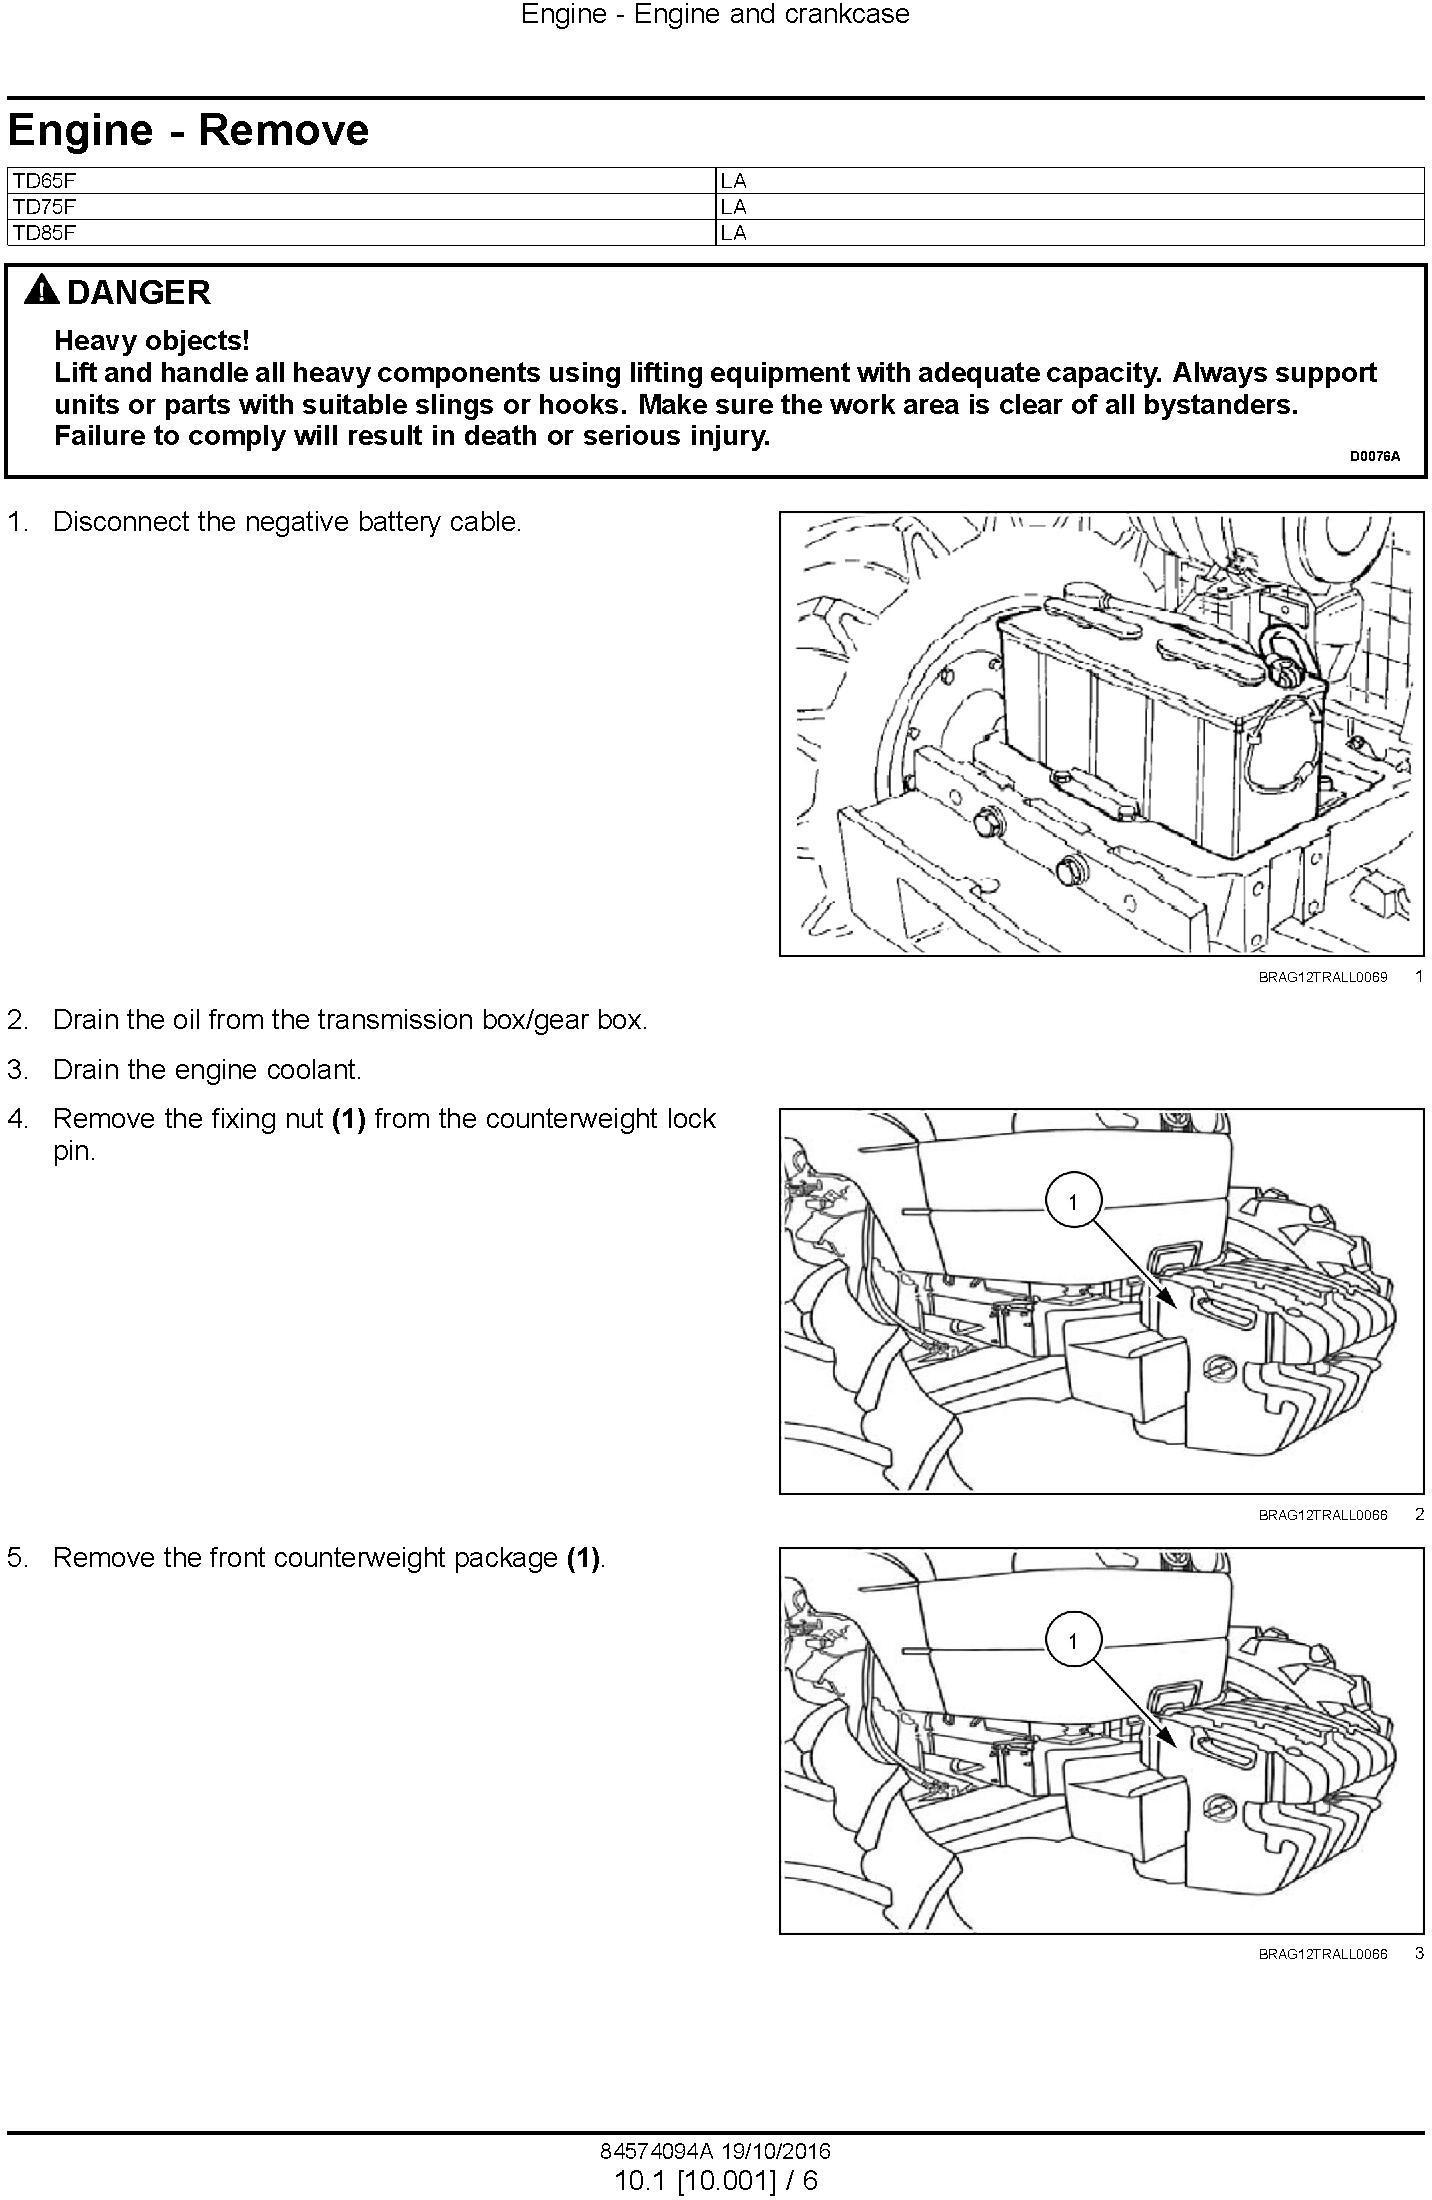 New Holland TD65F, TD75F, TD85F Tractor Service Manual - 1